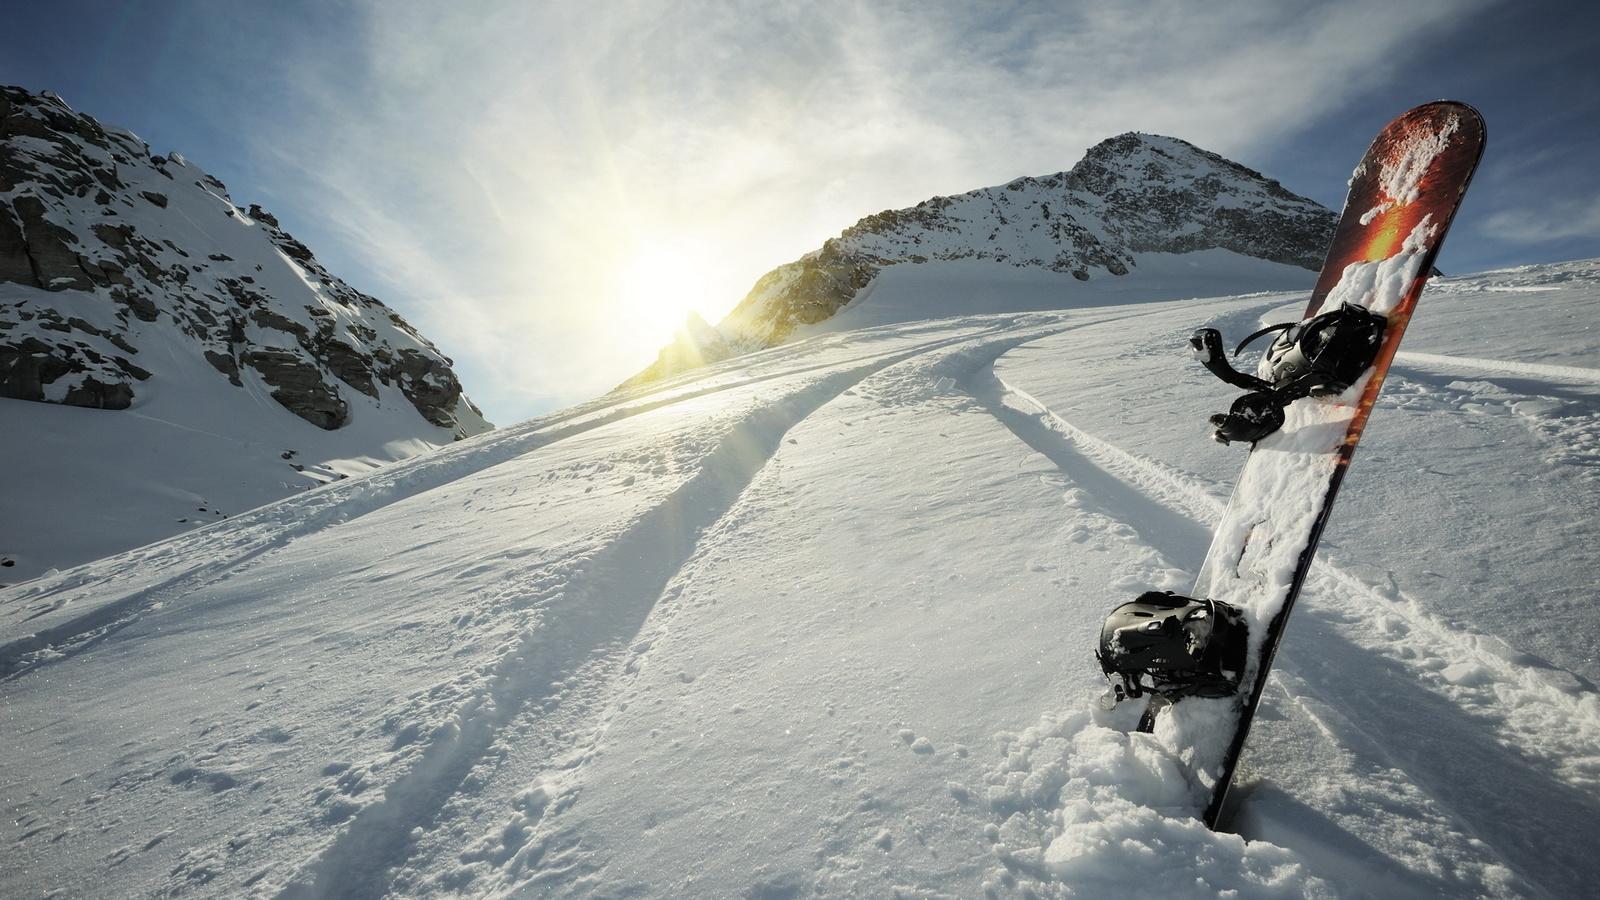 склон, снег, вершины, сноуборд, зима, Горы, спорт